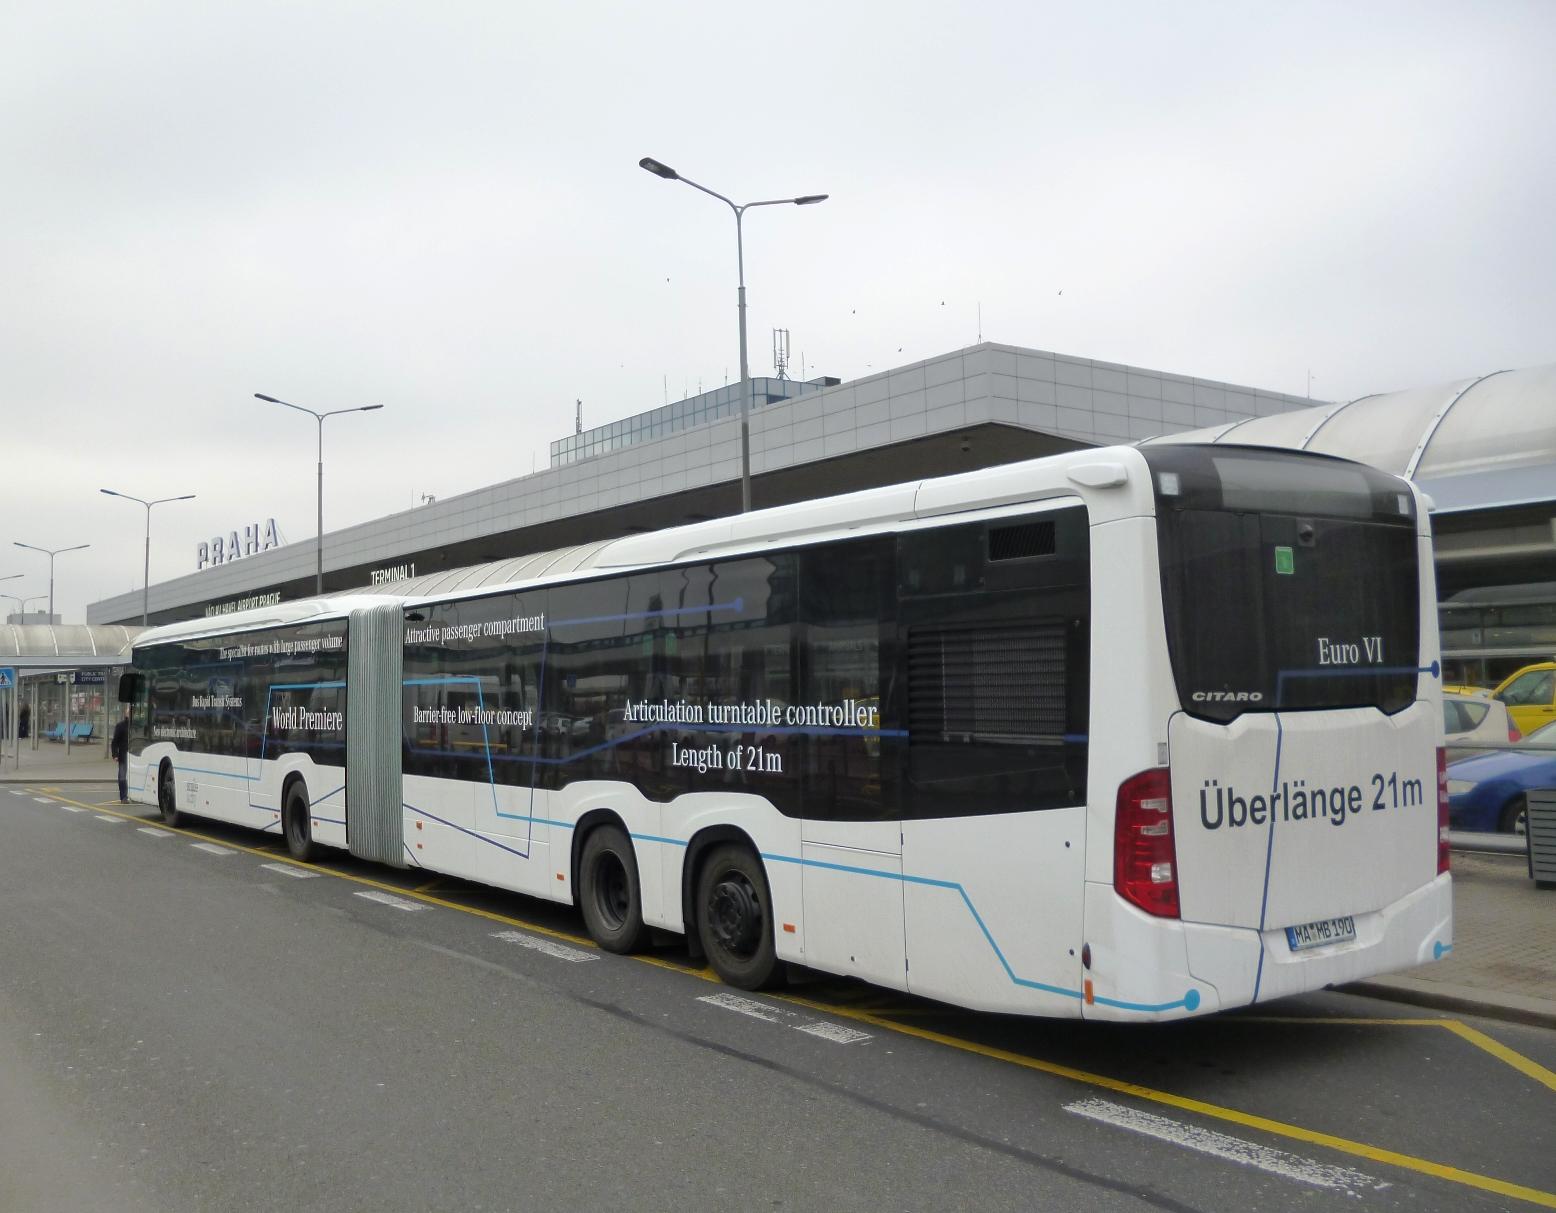 S délkou 21 m je CapaCity L patrně nejdelším dvoučlánkovým autobusem na světě. (foto: EvoBus Česká republika)